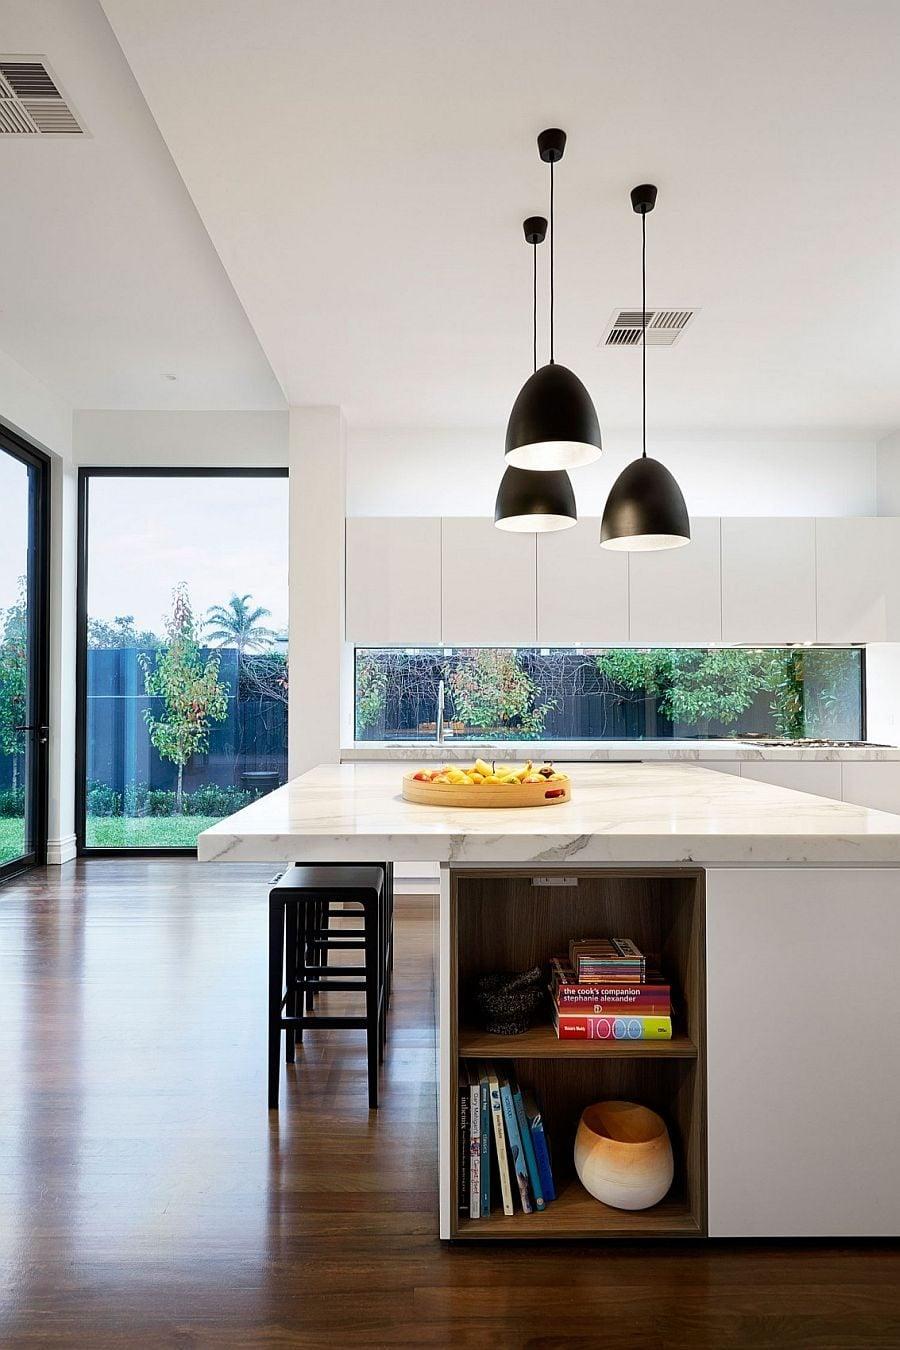 924 Ngôi nhà kết hợp hai phong cách hiện đại và cổ điển tại Úc qpdesign